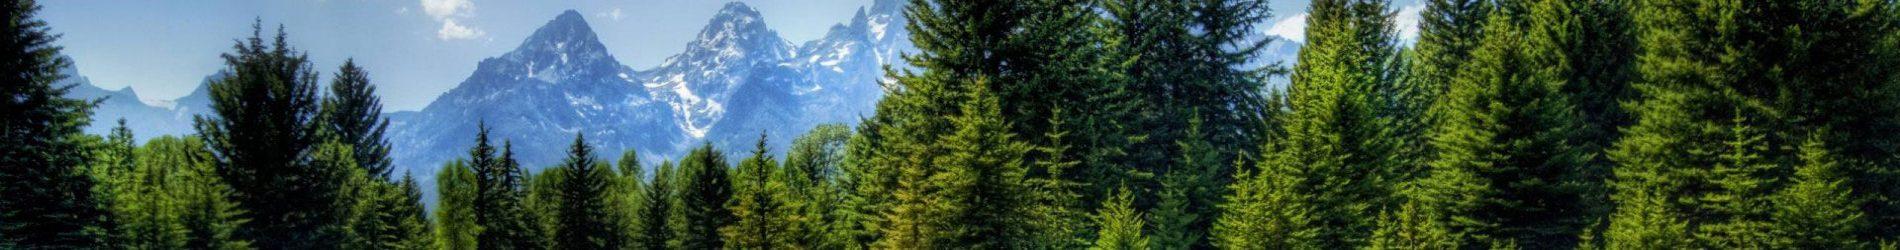 Tag: Metsa eluring